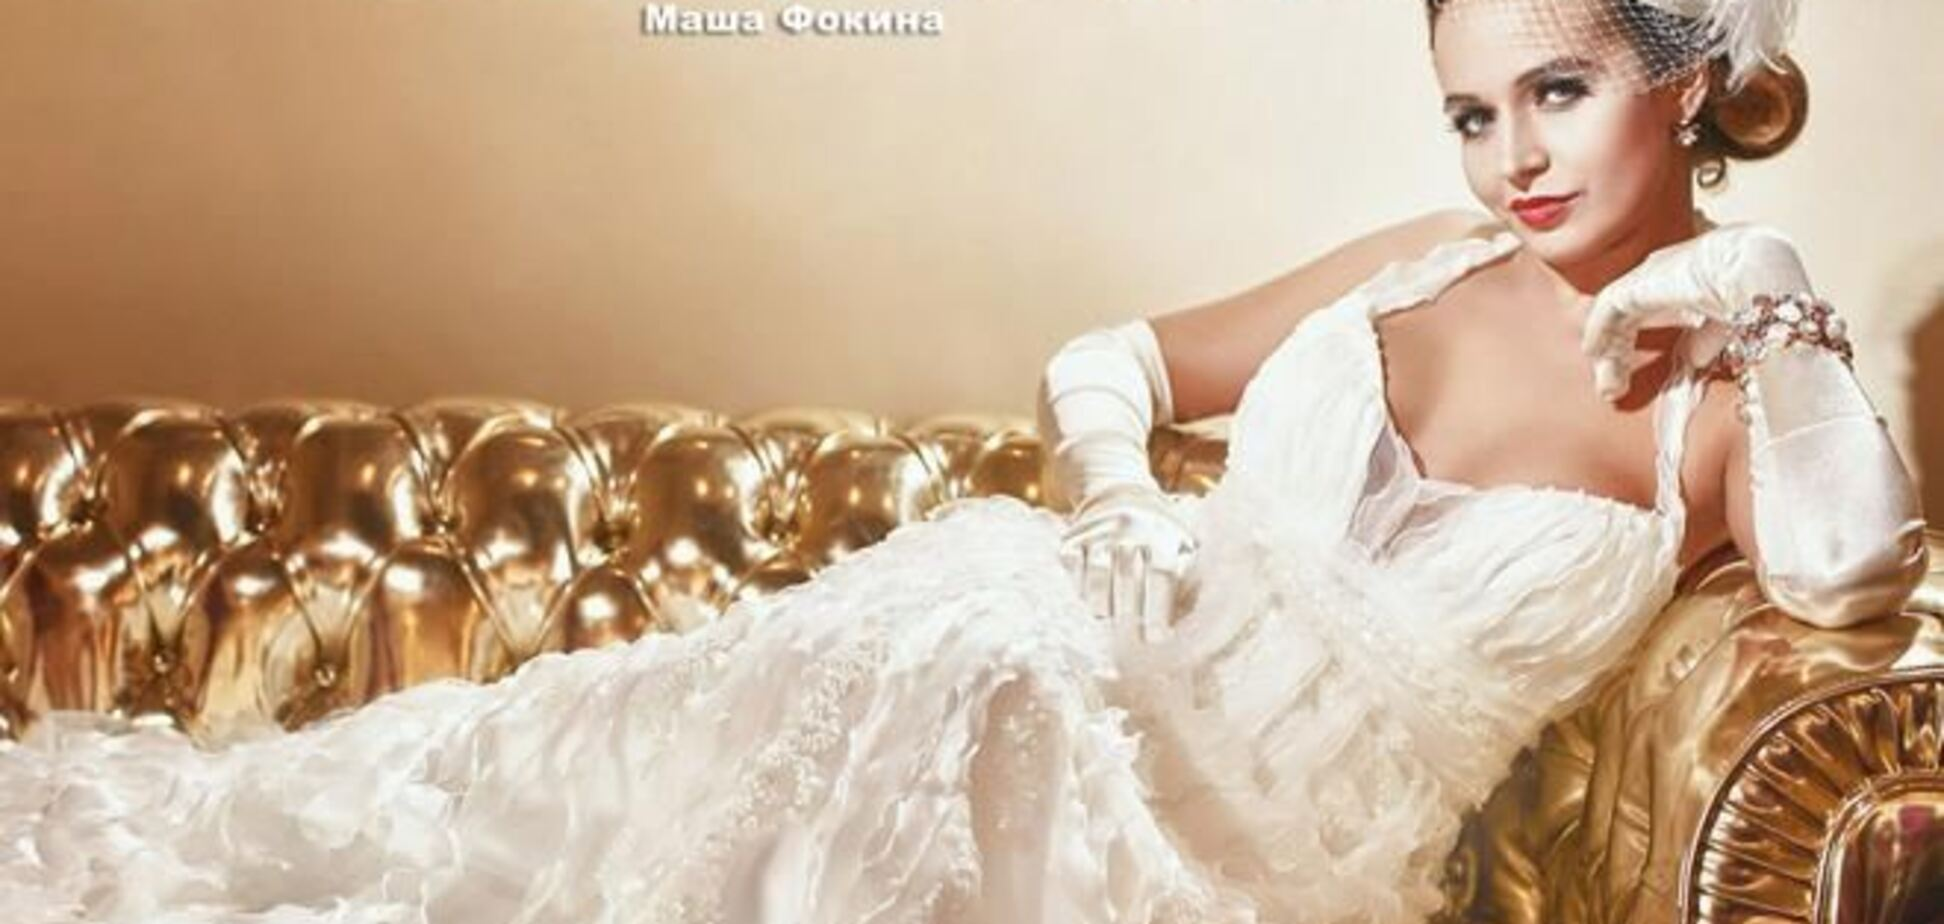 Внучка экс-премьера Украины отгуляла свадьбу в Майами